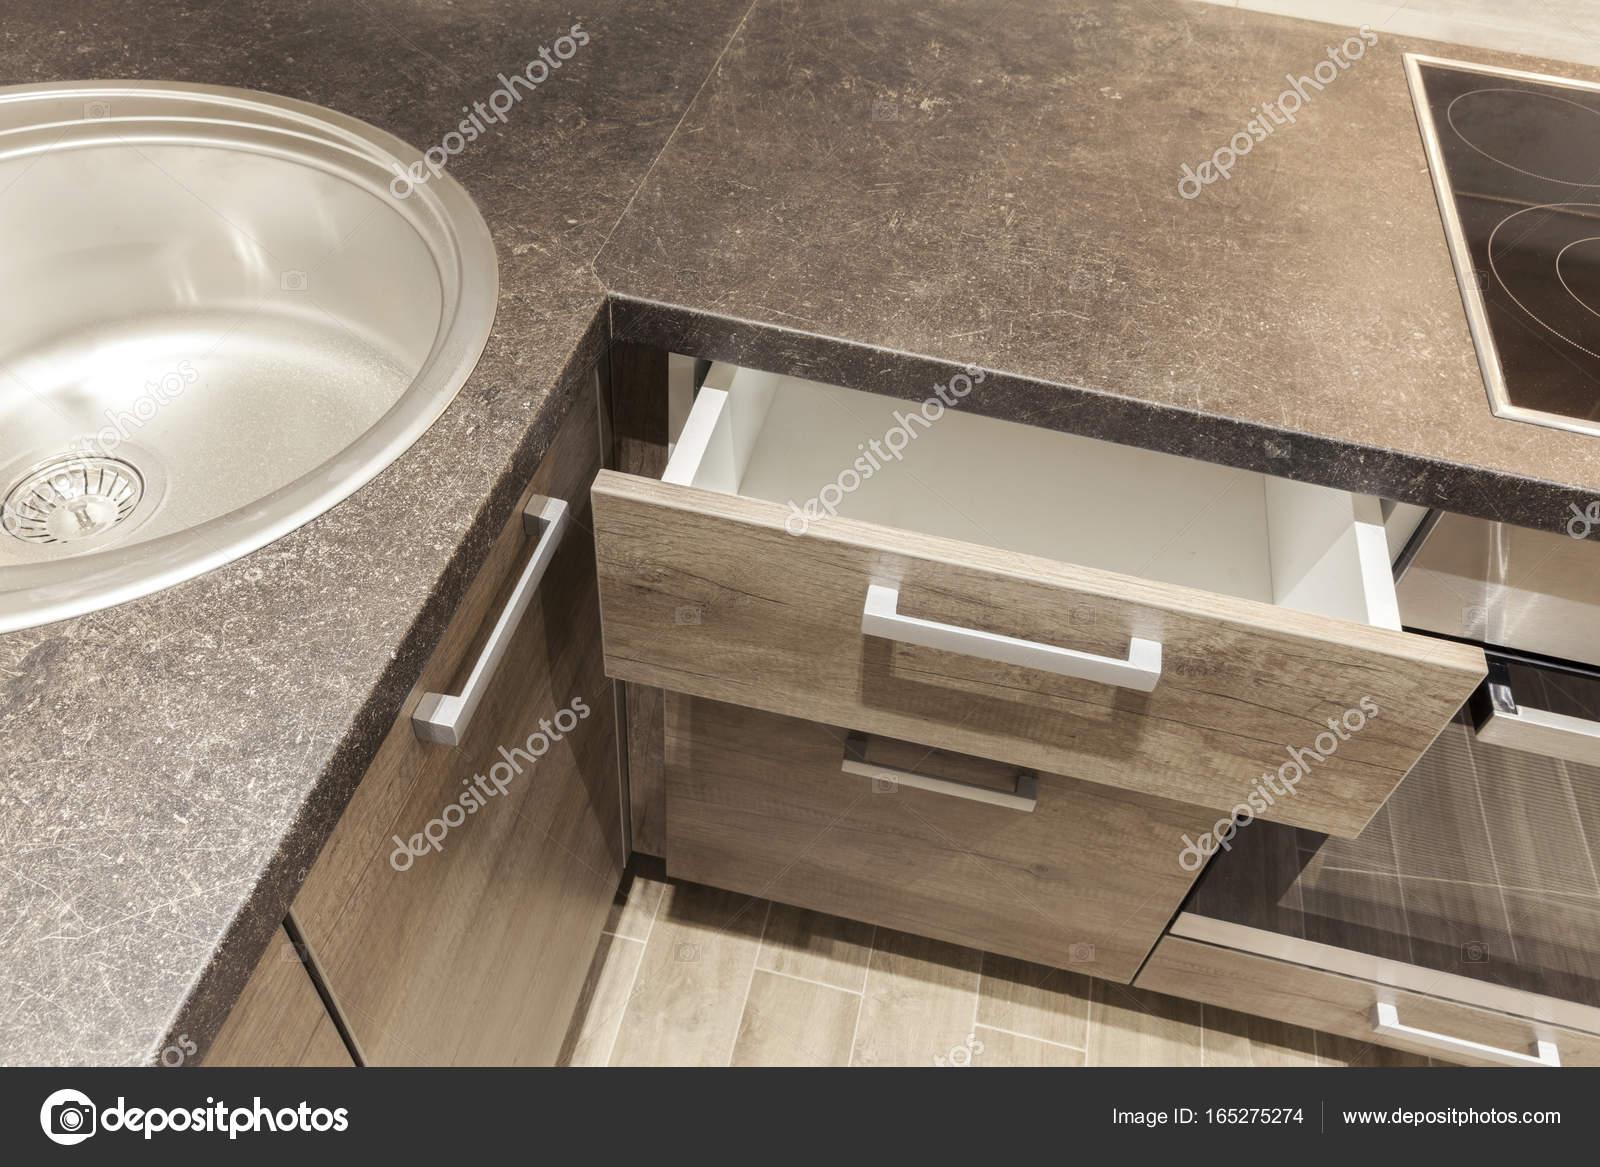 Küche, Tisch und Waschbecken — Stockfoto © DJSrki #165275274